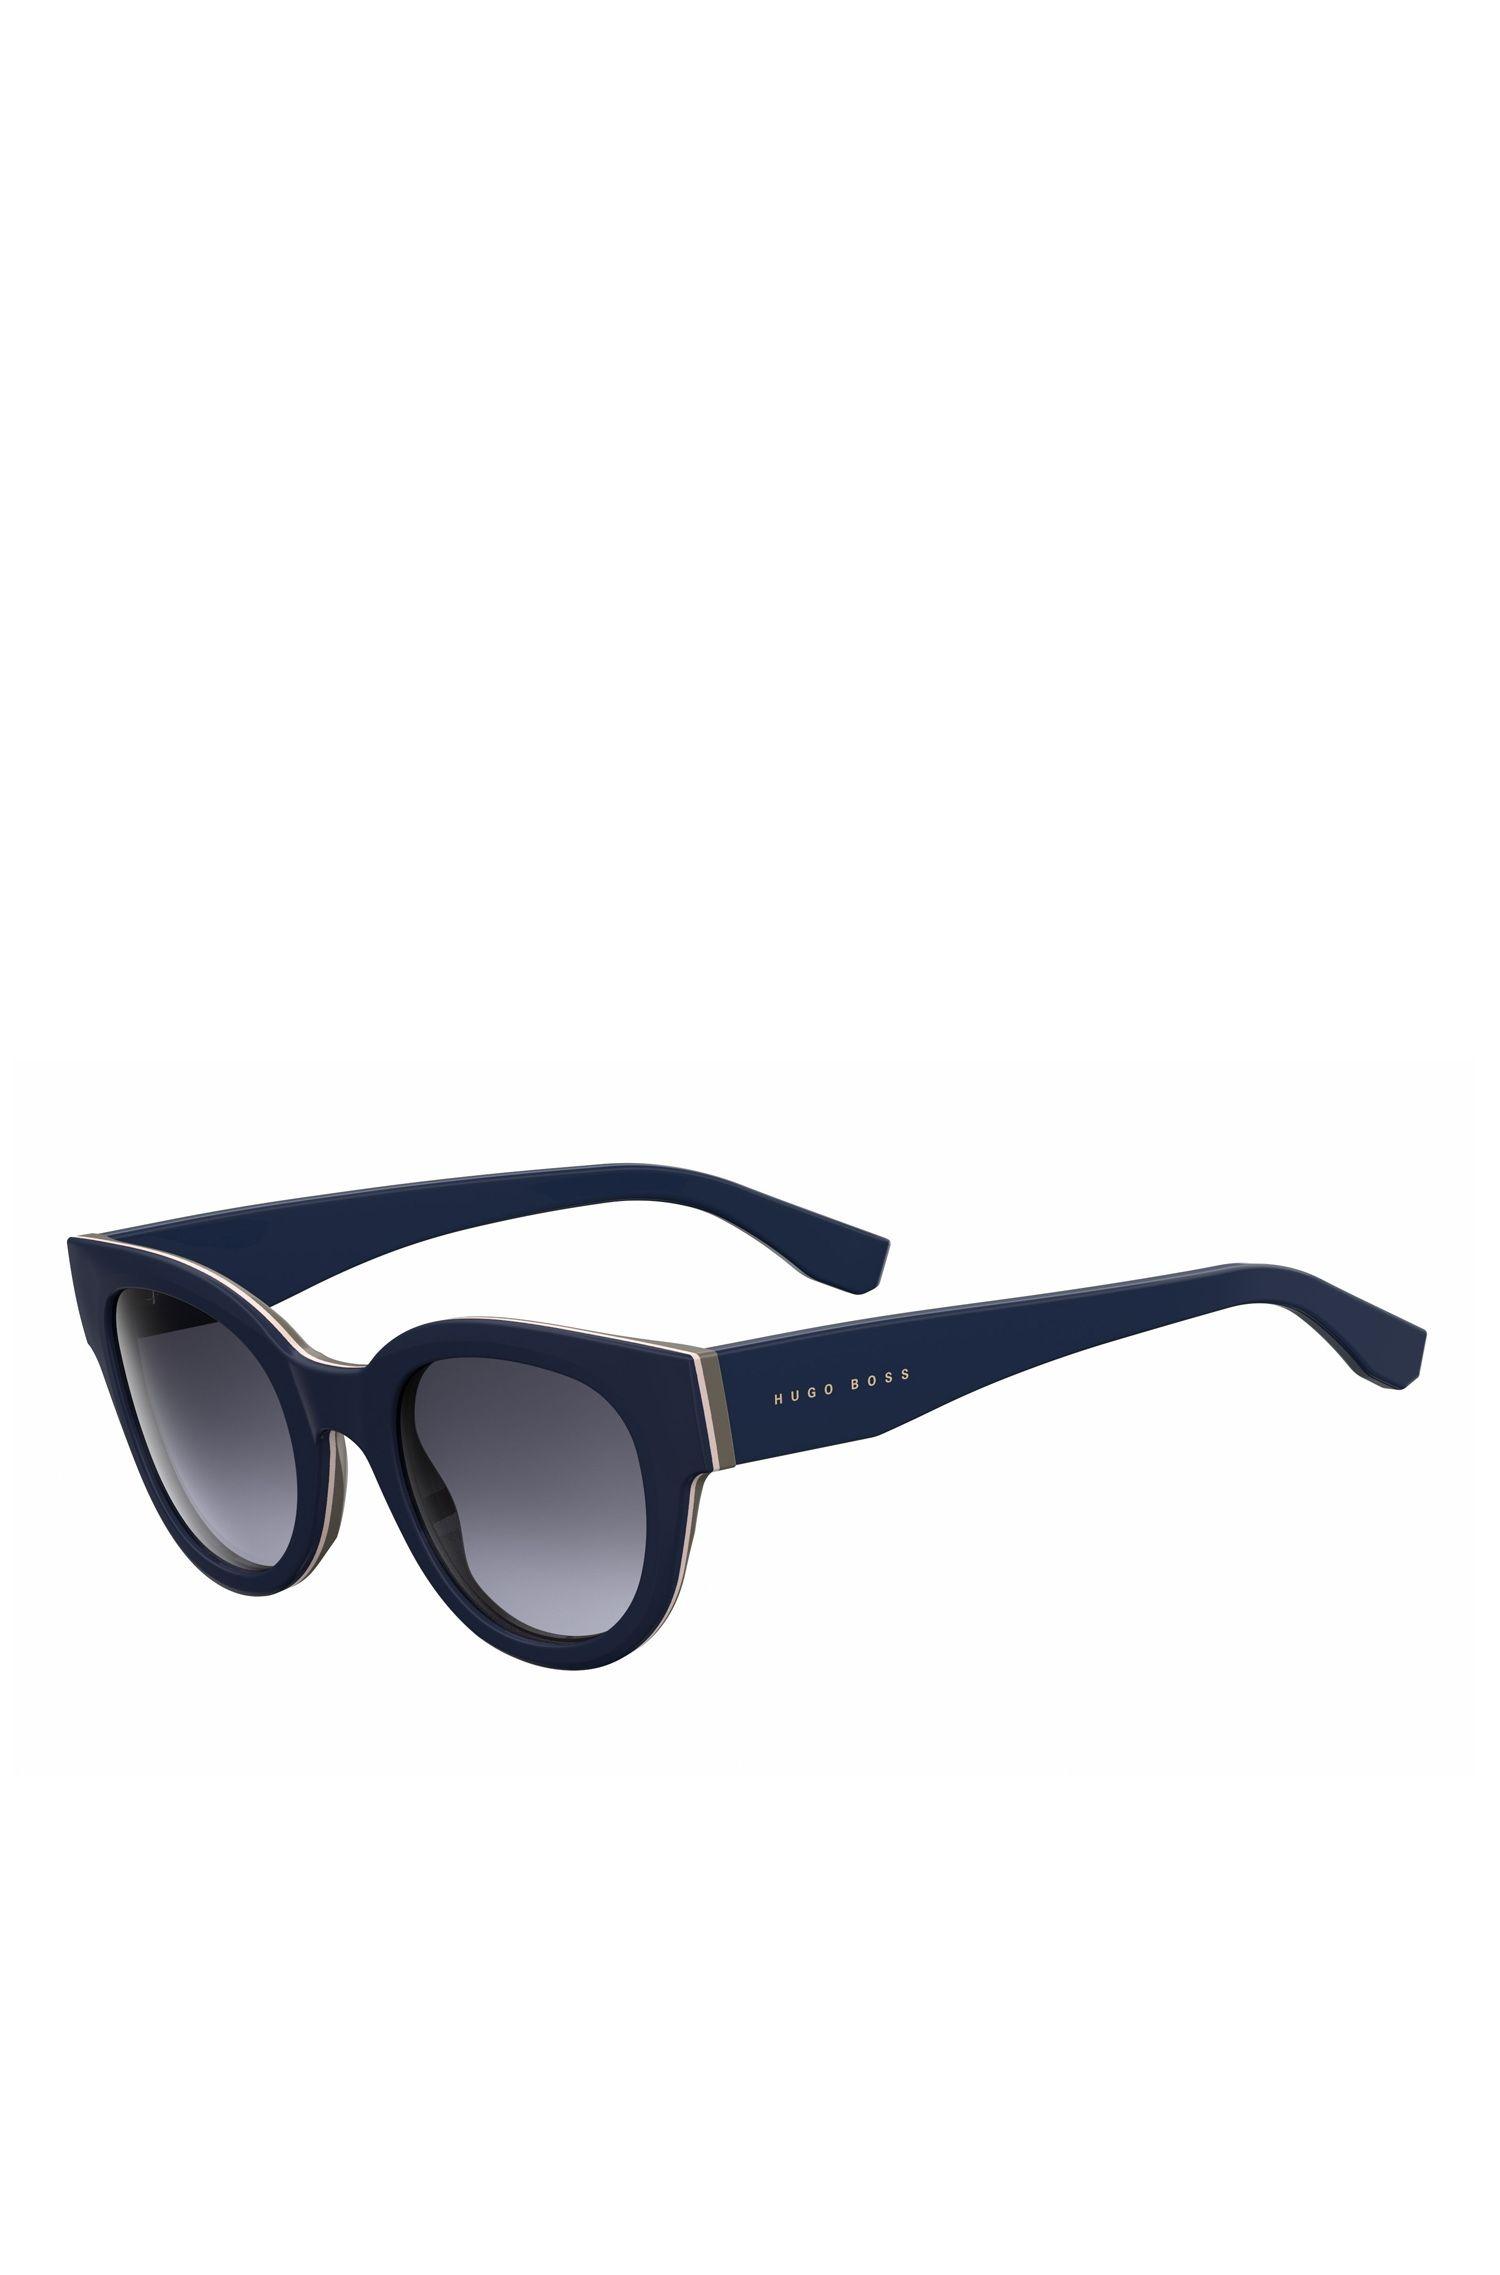 Navy Acetate Round Sunglasses | BOSS 0888S